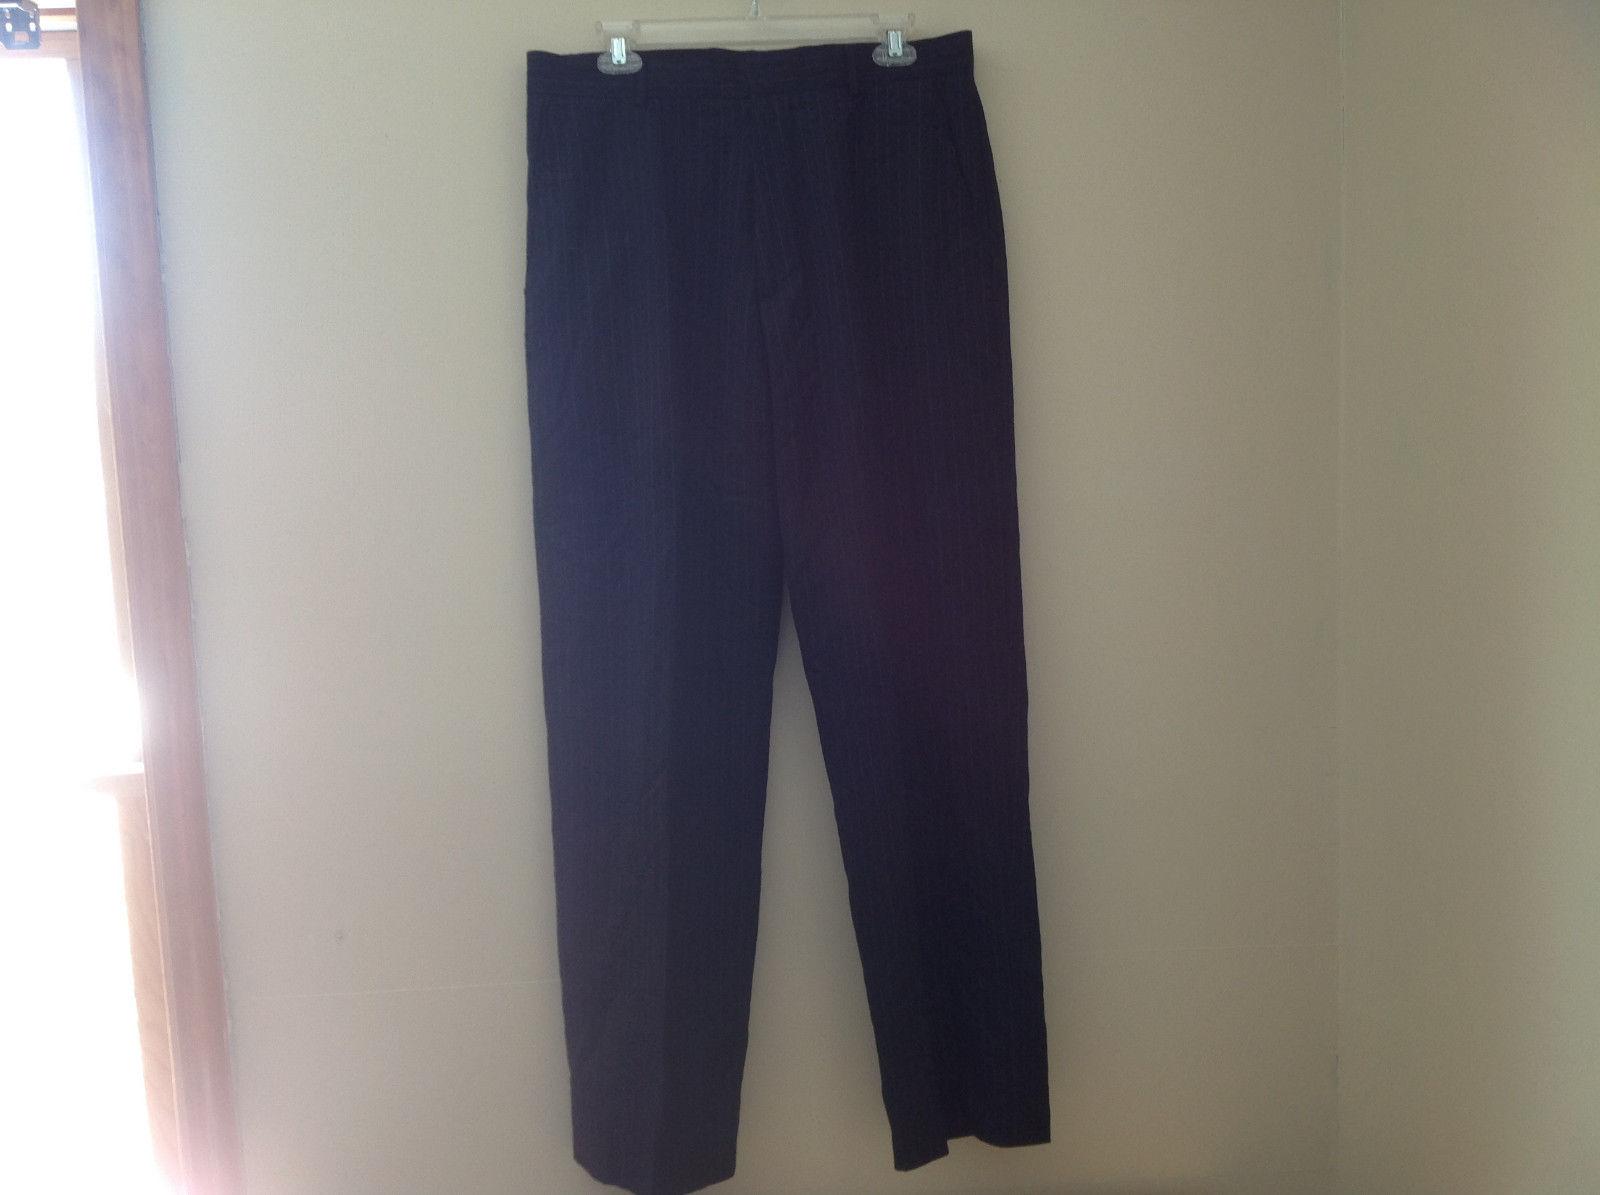 Banana Republic Black Pin Striped 4 Pocket Dress Pants Size 34 by 34